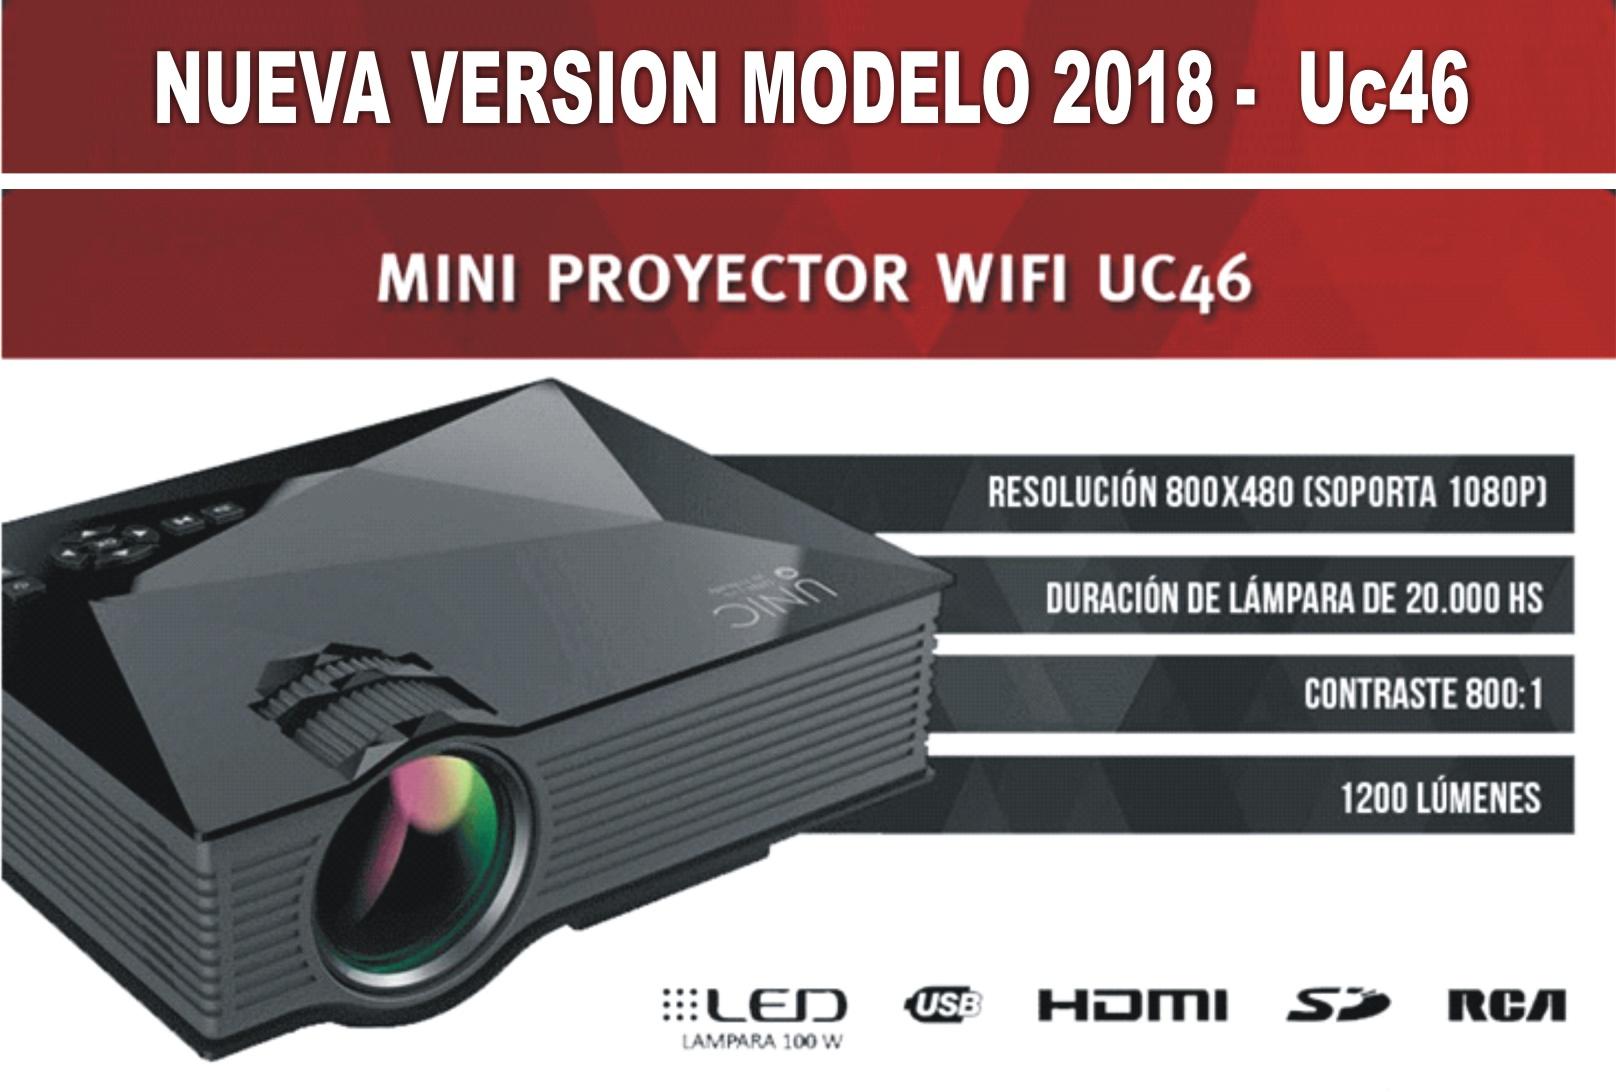 uc 46 mini proyector 2018